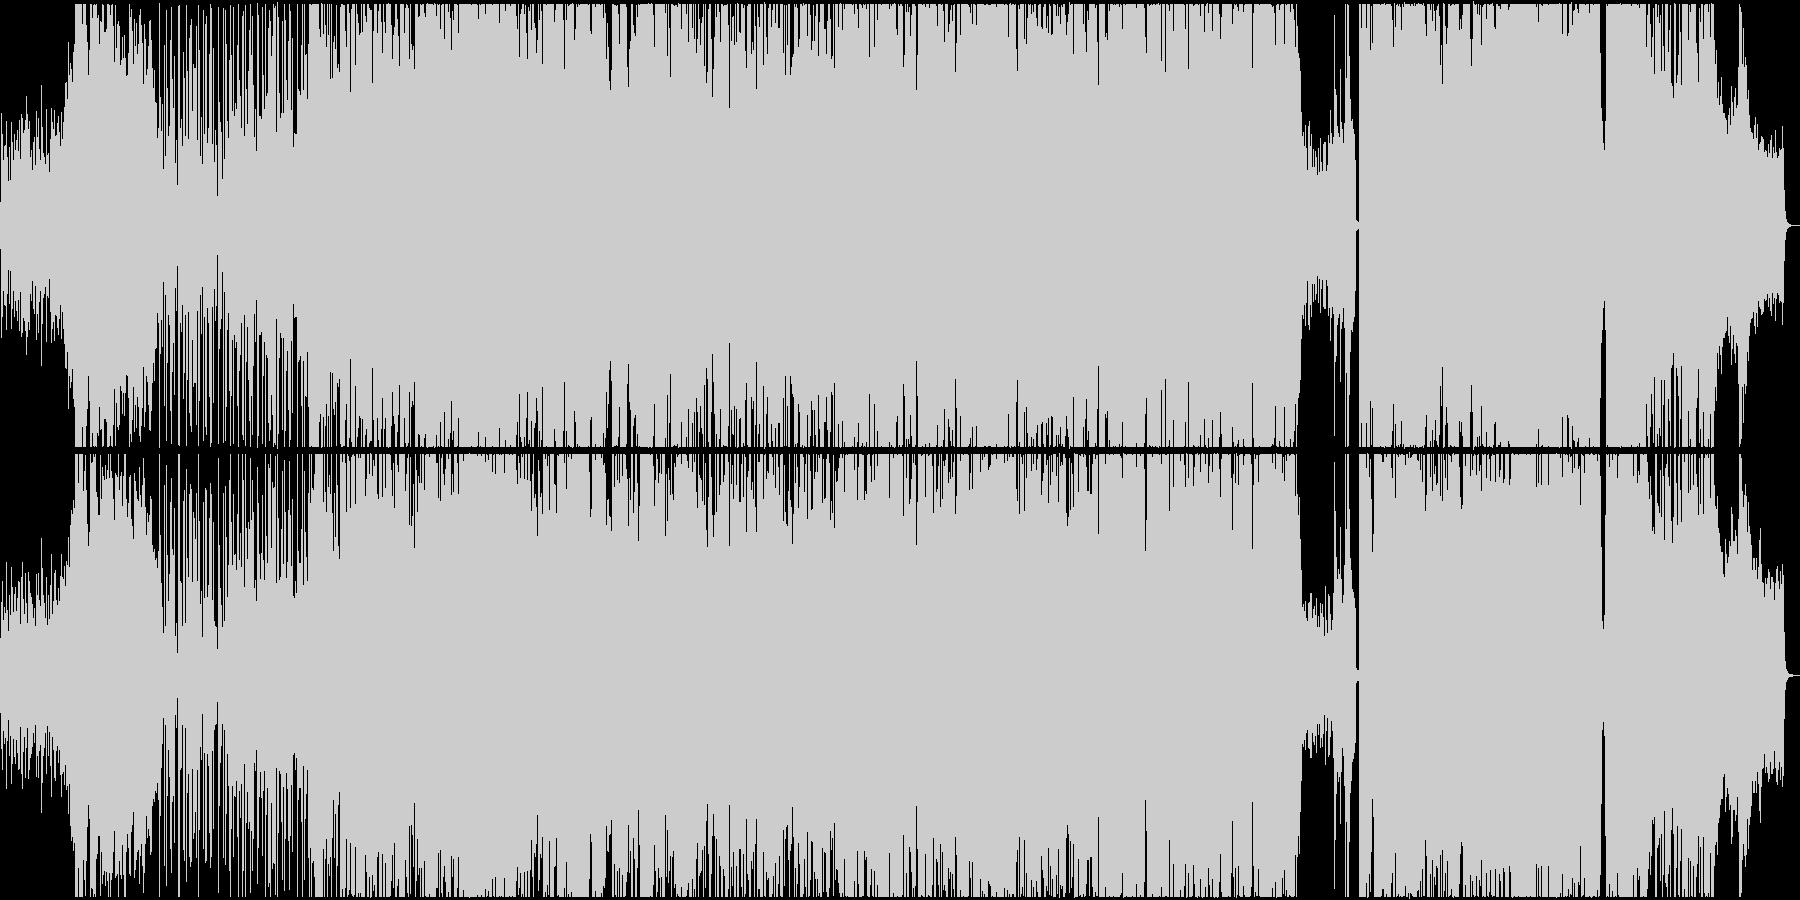 歩 バックトラックの未再生の波形